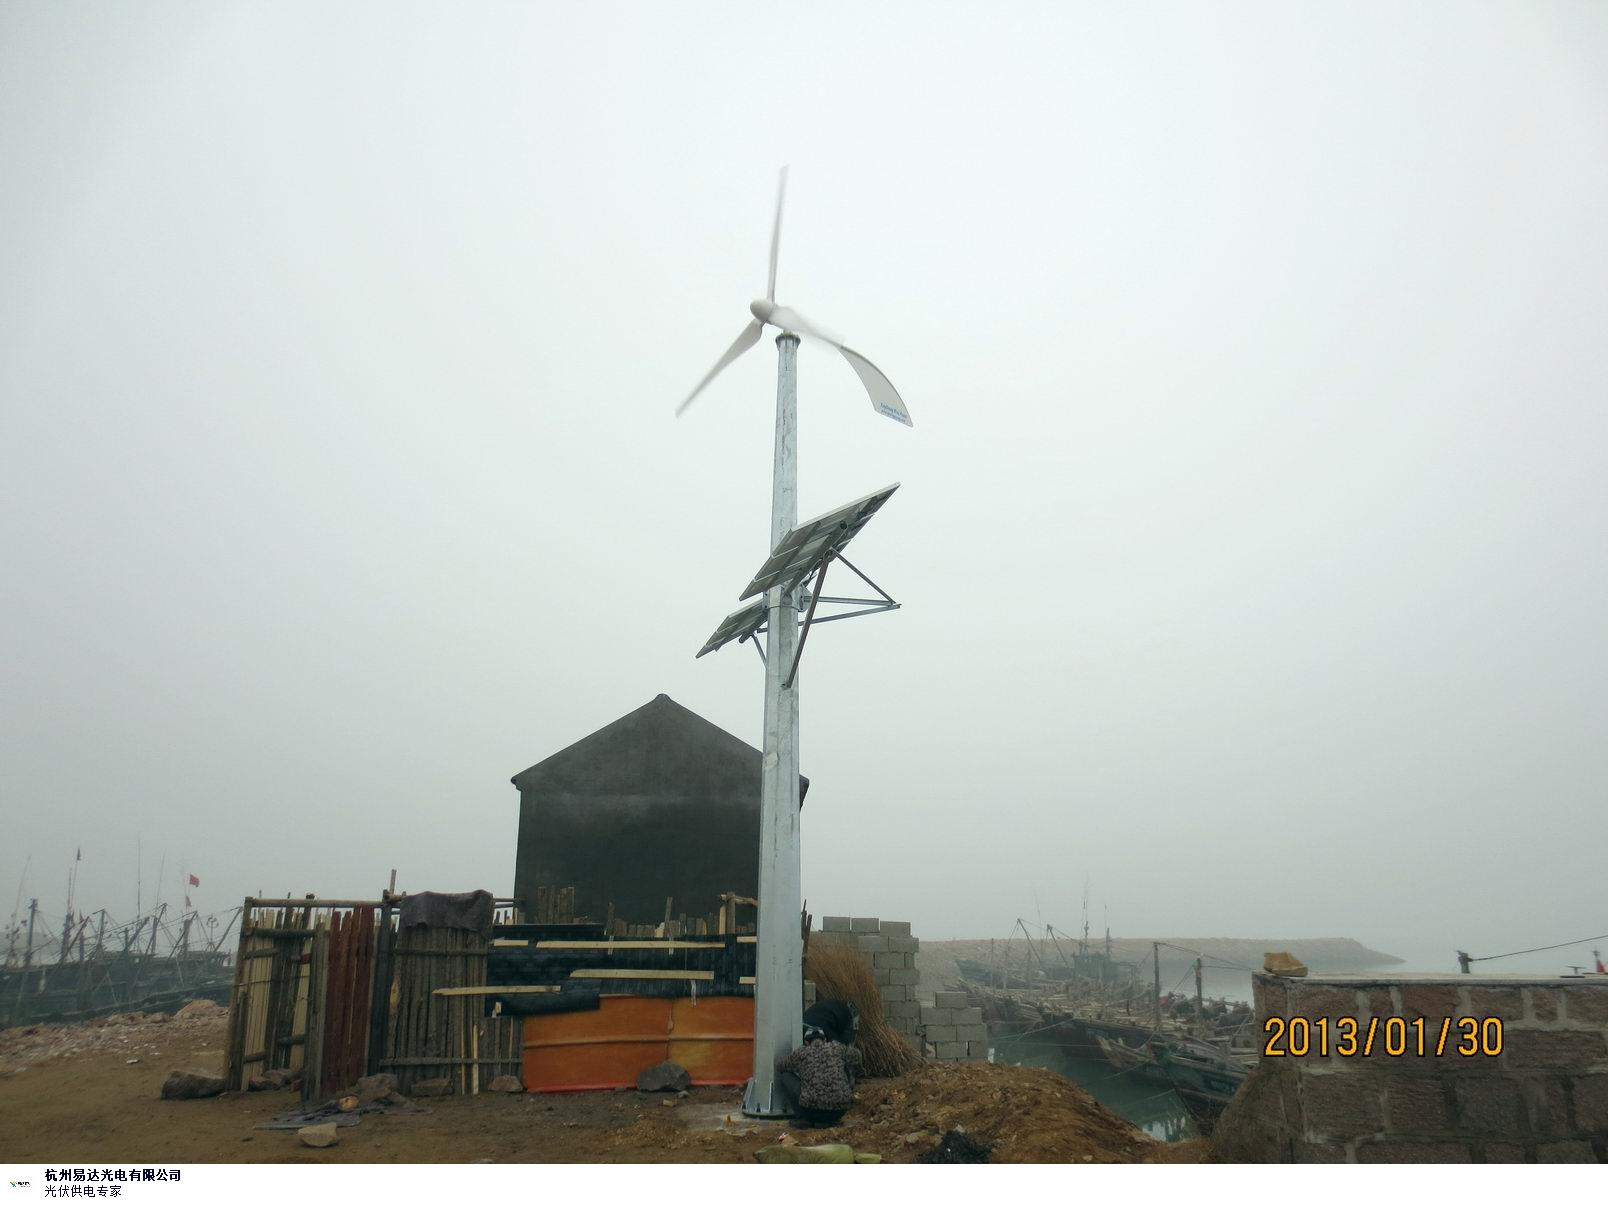 乌鲁木齐低功耗太阳能监控哪个好 诚信经营 杭州易达光电供应